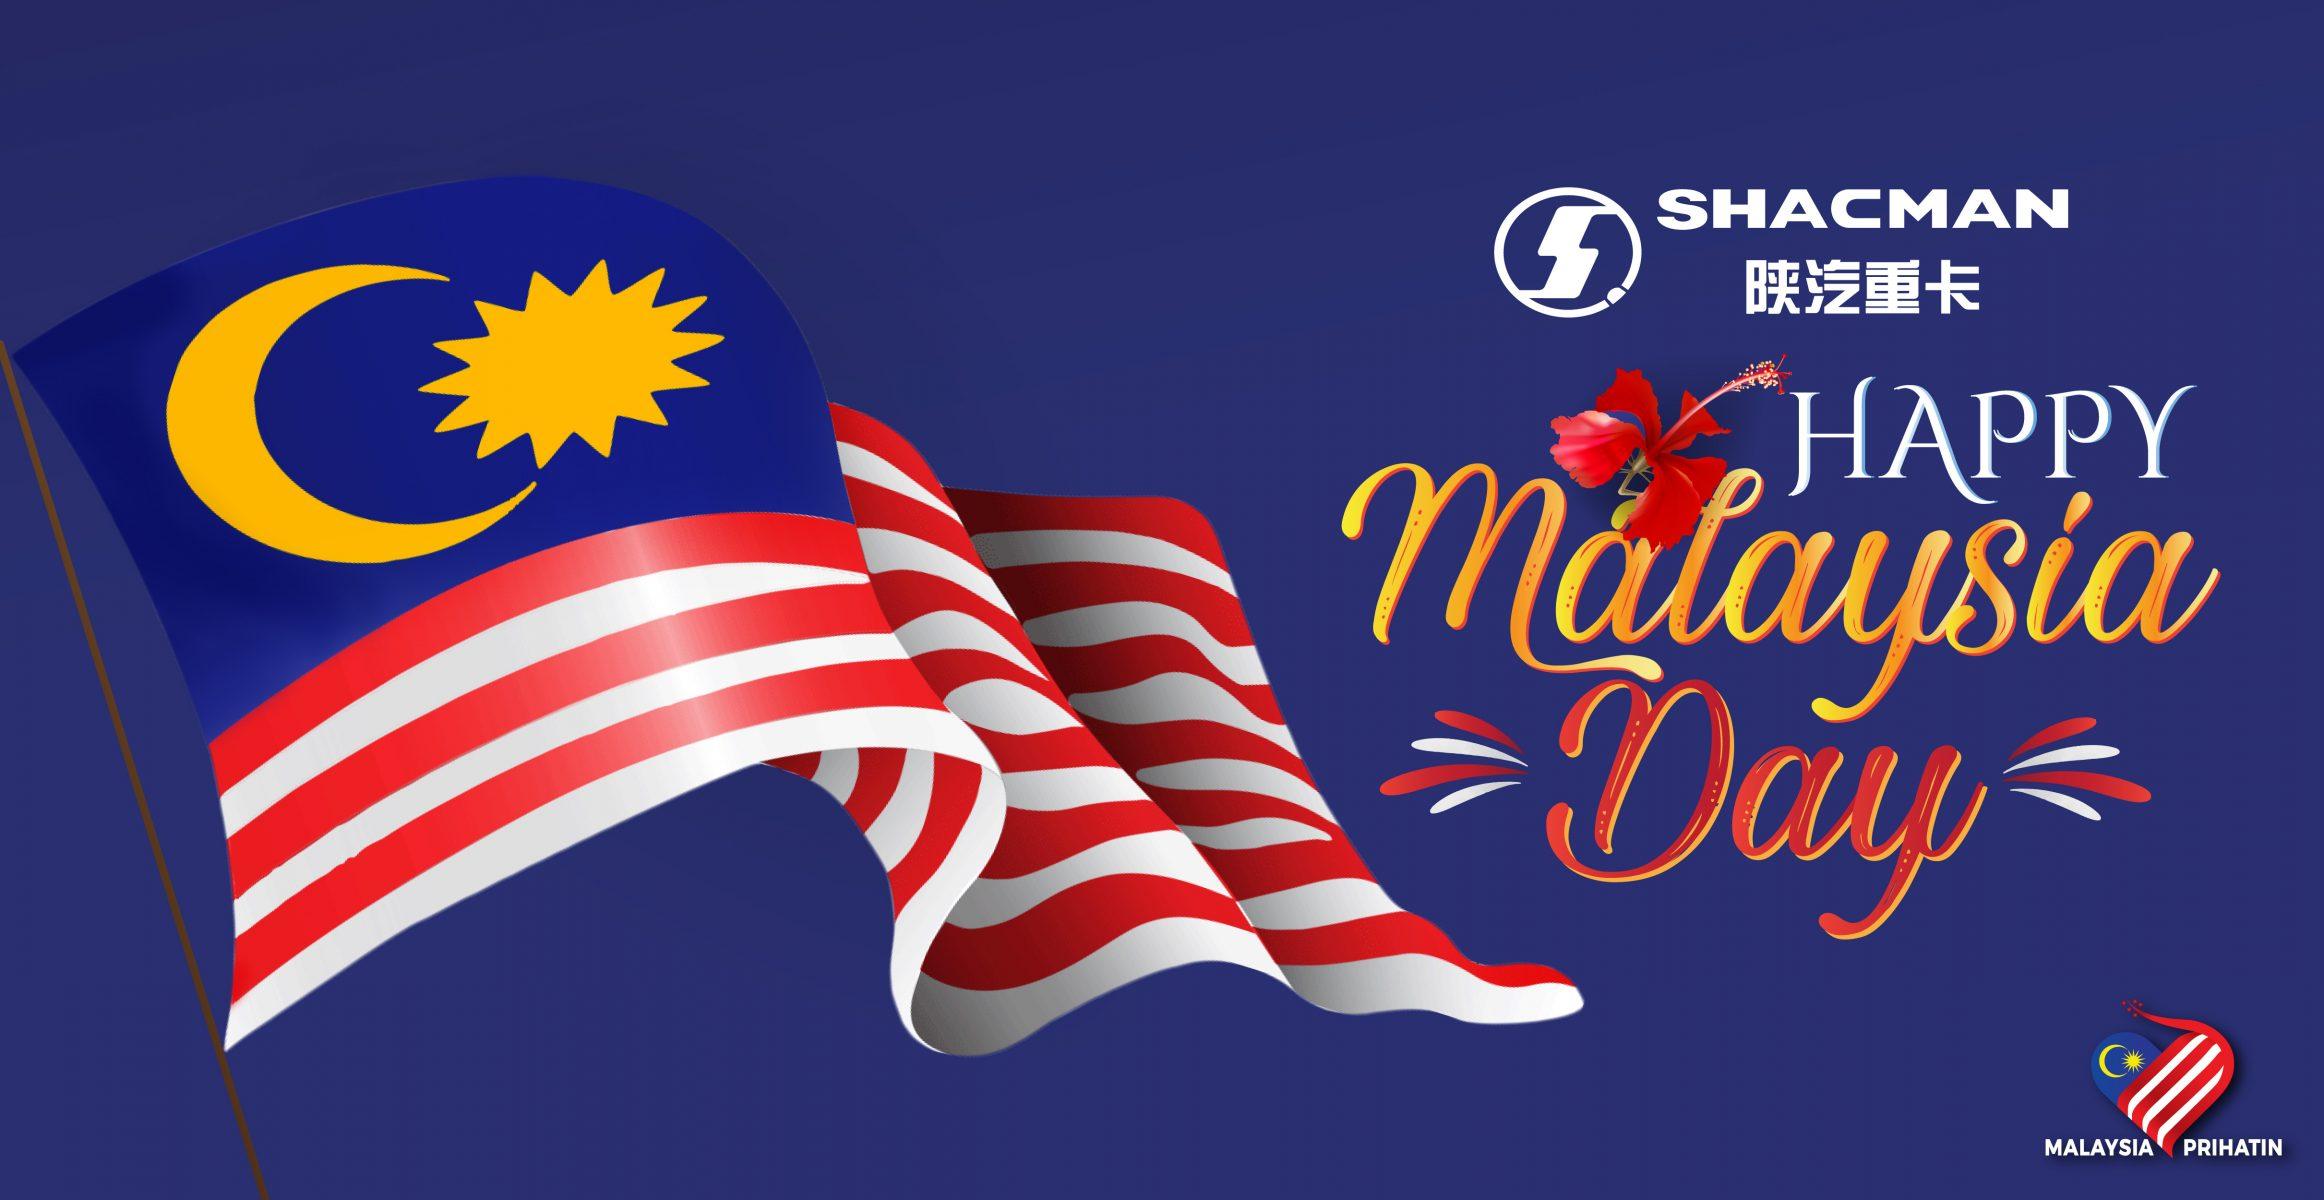 Malay-day-ecard-v3-FA-website-02